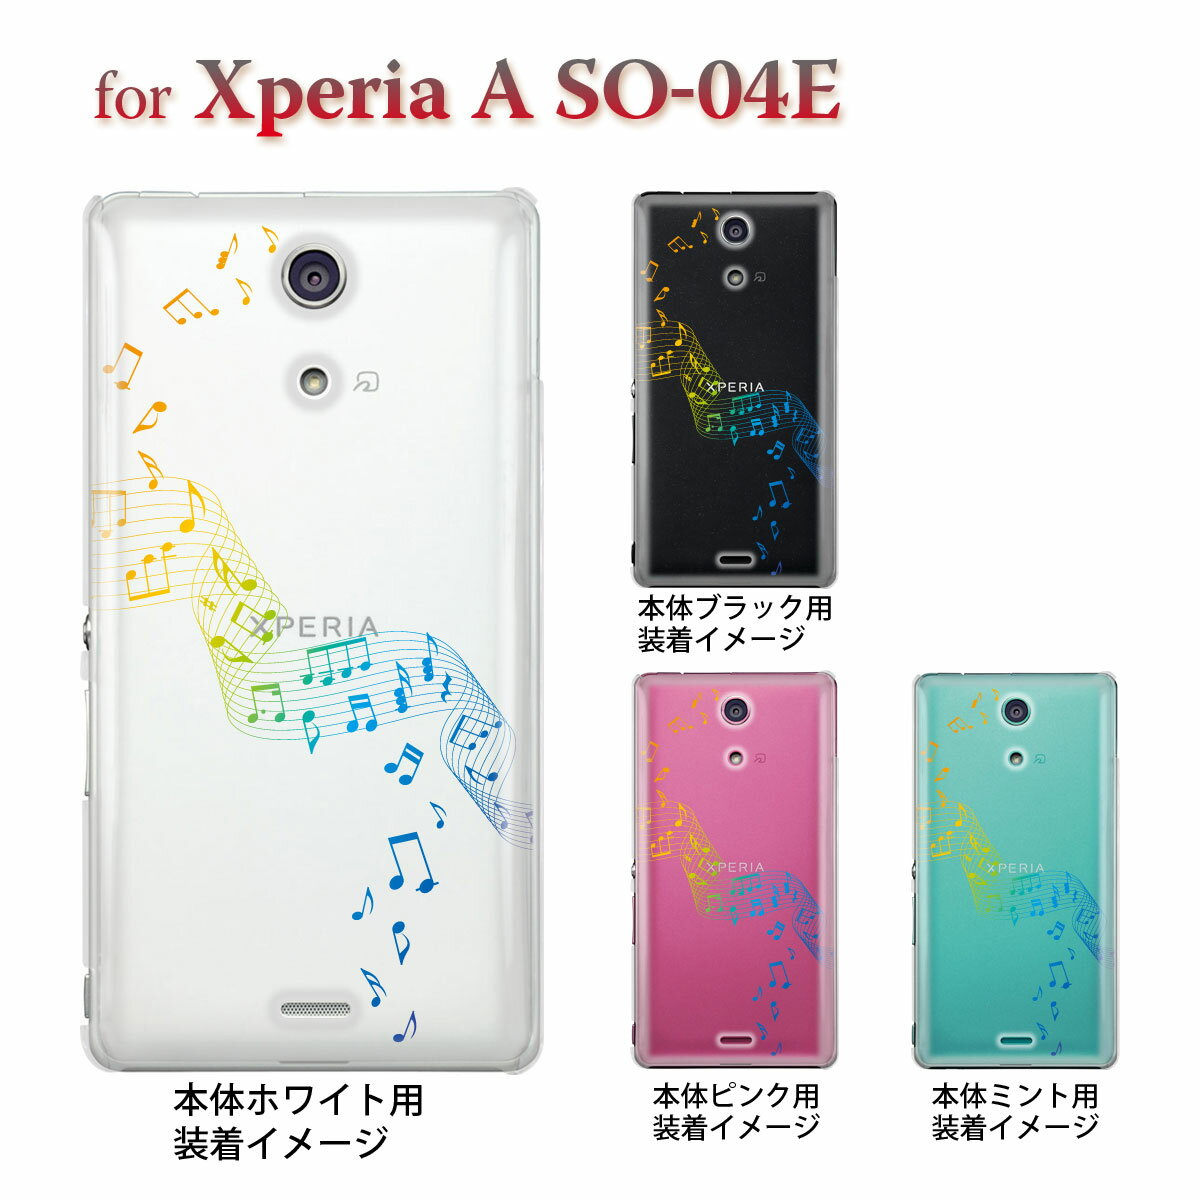 スマートフォン・携帯電話用アクセサリー, ケース・カバー Xperia A SO-04Edocomo 09-so04e-mu0003